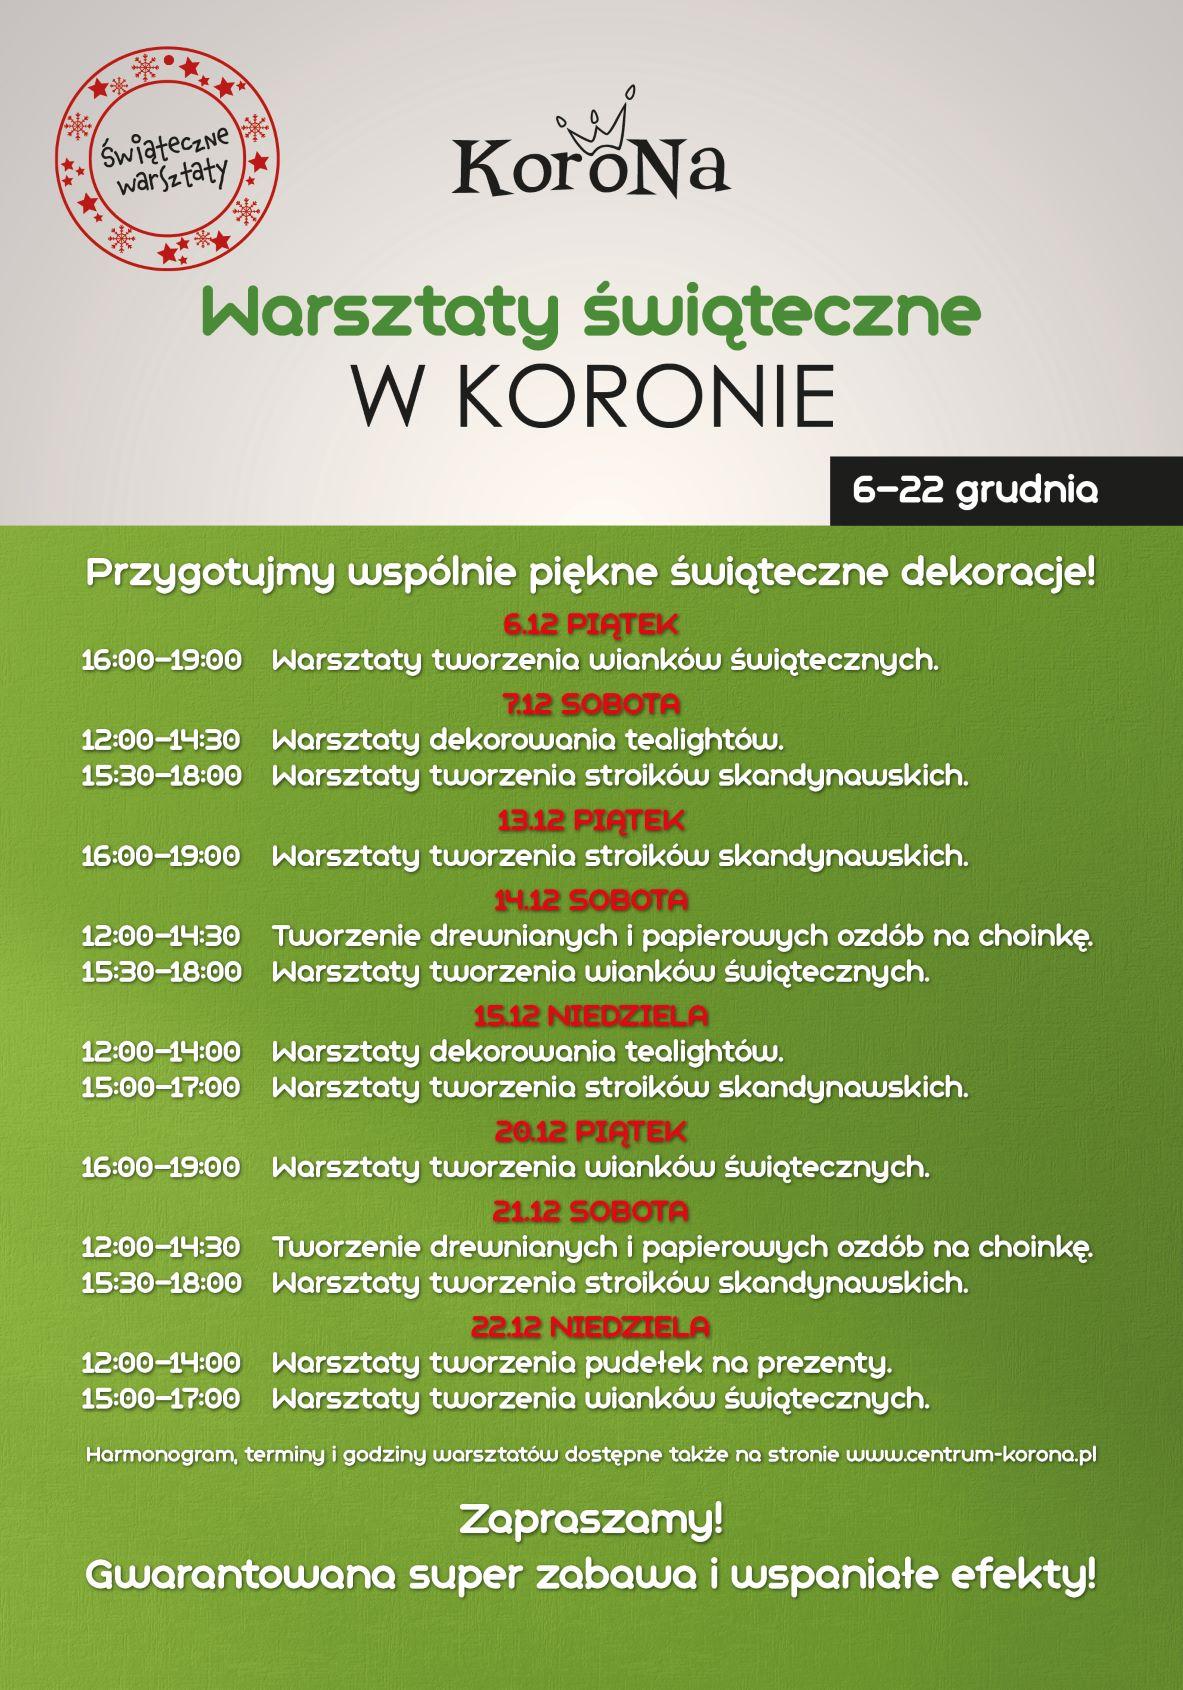 KORONA_WARSZTATY_SWIATECZNE_2019